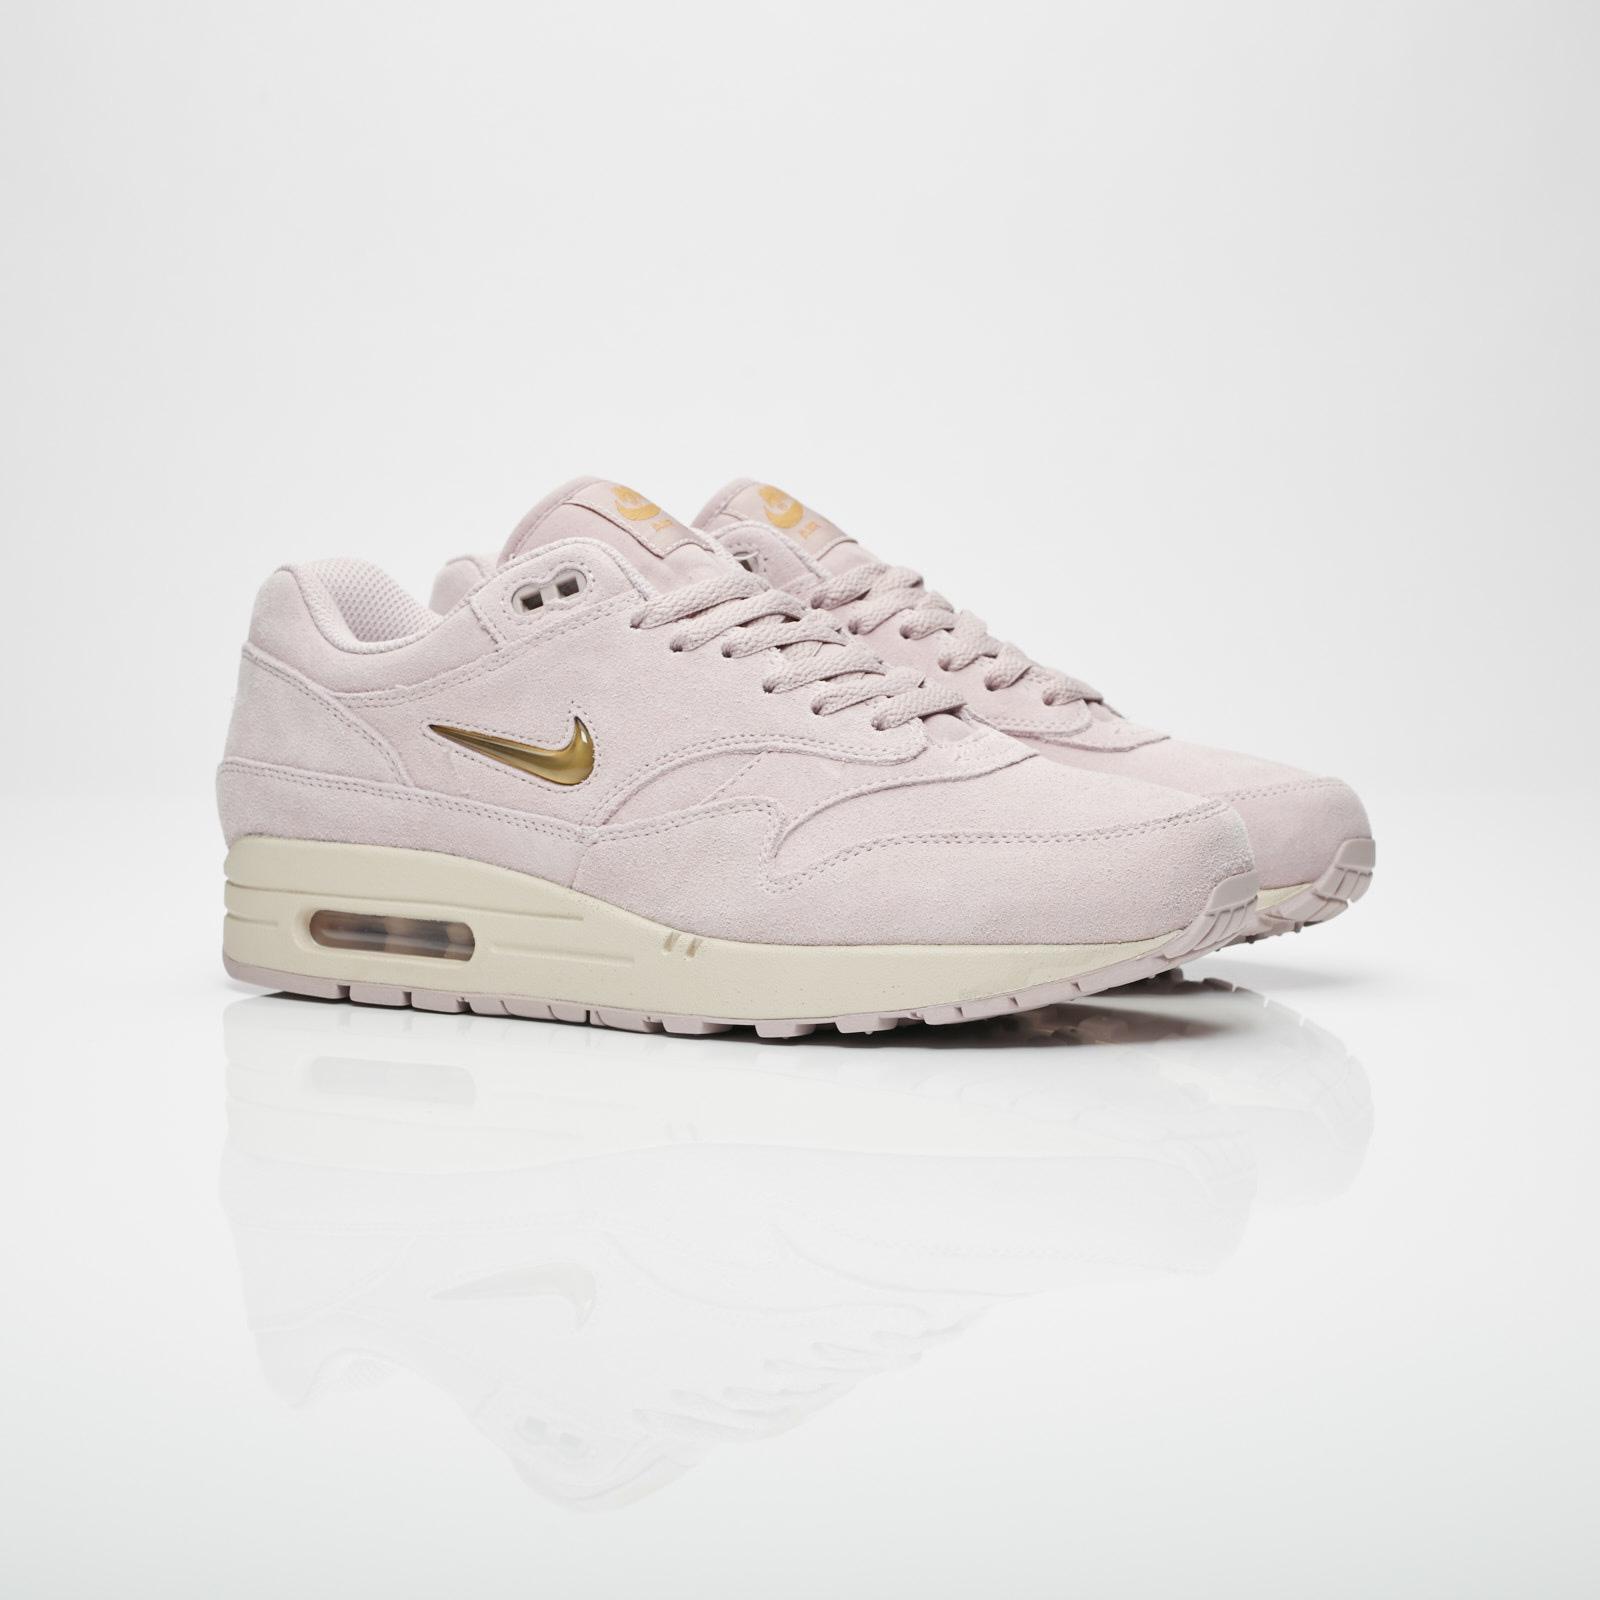 promo code 80b35 7e3ee Nike Sportswear Air Max 1 Premium SC